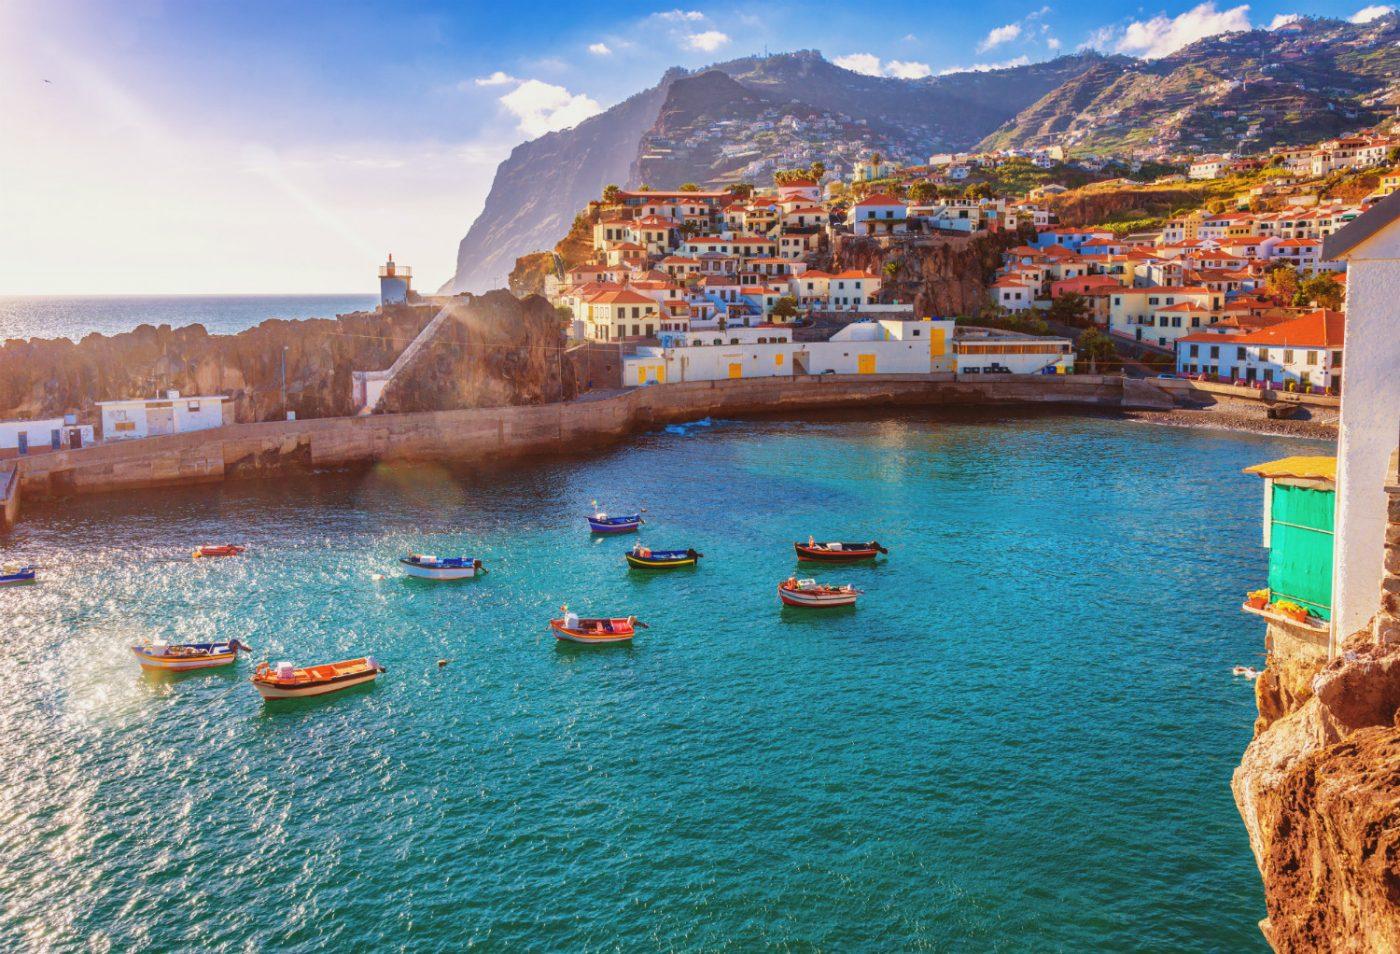 Städtchen am Meer auf Madeira.